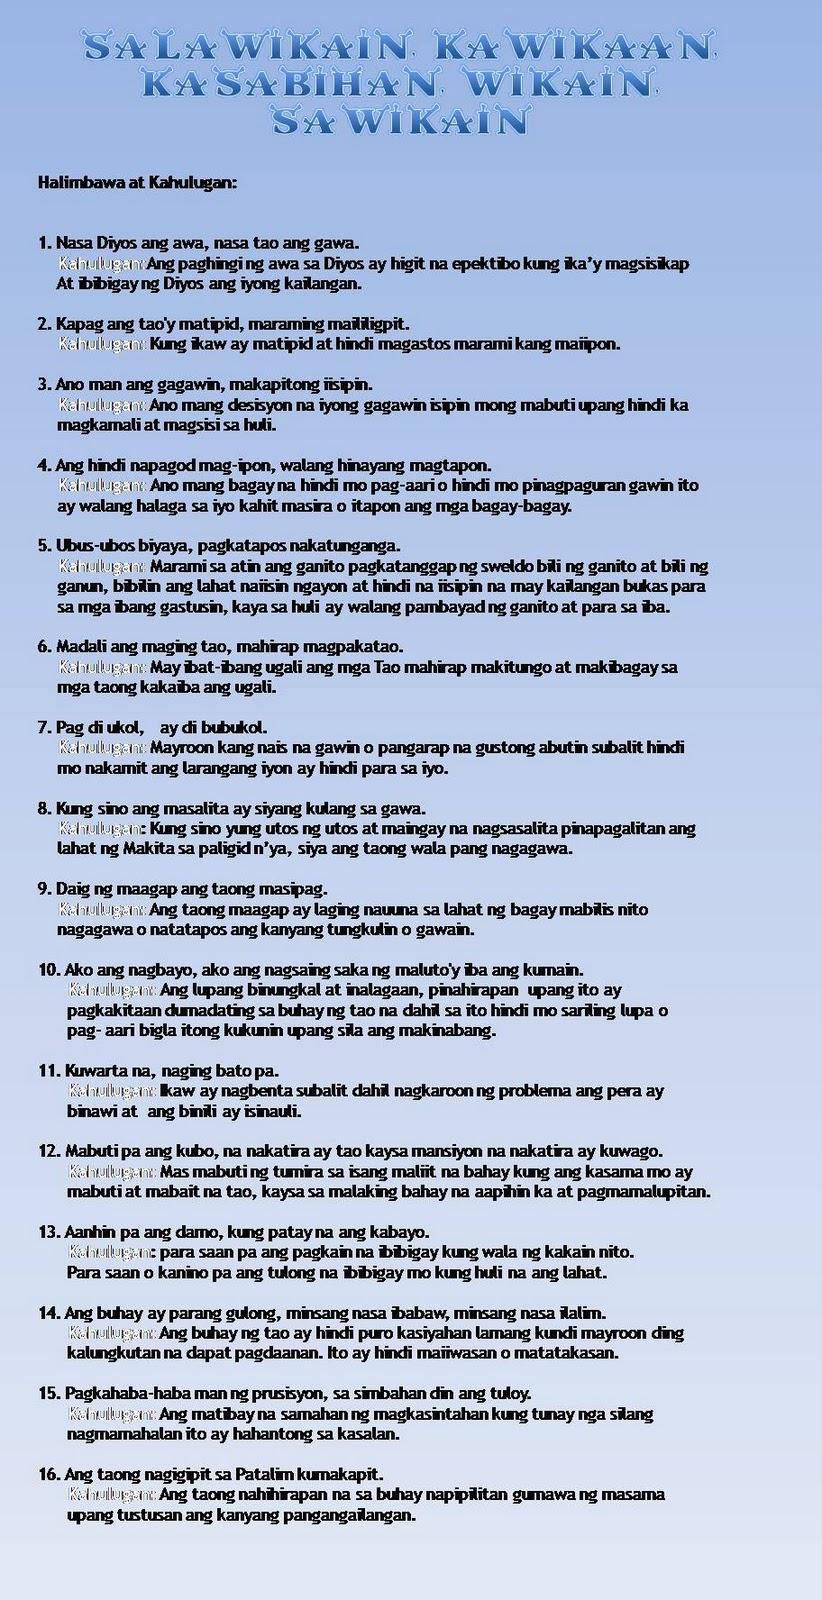 mga halimbawa ng bugtong Ang bugtong ay isa ring laro ng patalasan ng isip dahil kailangan mong hulaan ang sagot nito, puedeng laruin ng mga bata o matatanda habang kayo ay nagpapahinga o nag-uusap ng iyong mga kaibigan, kalaro at kapamilya.